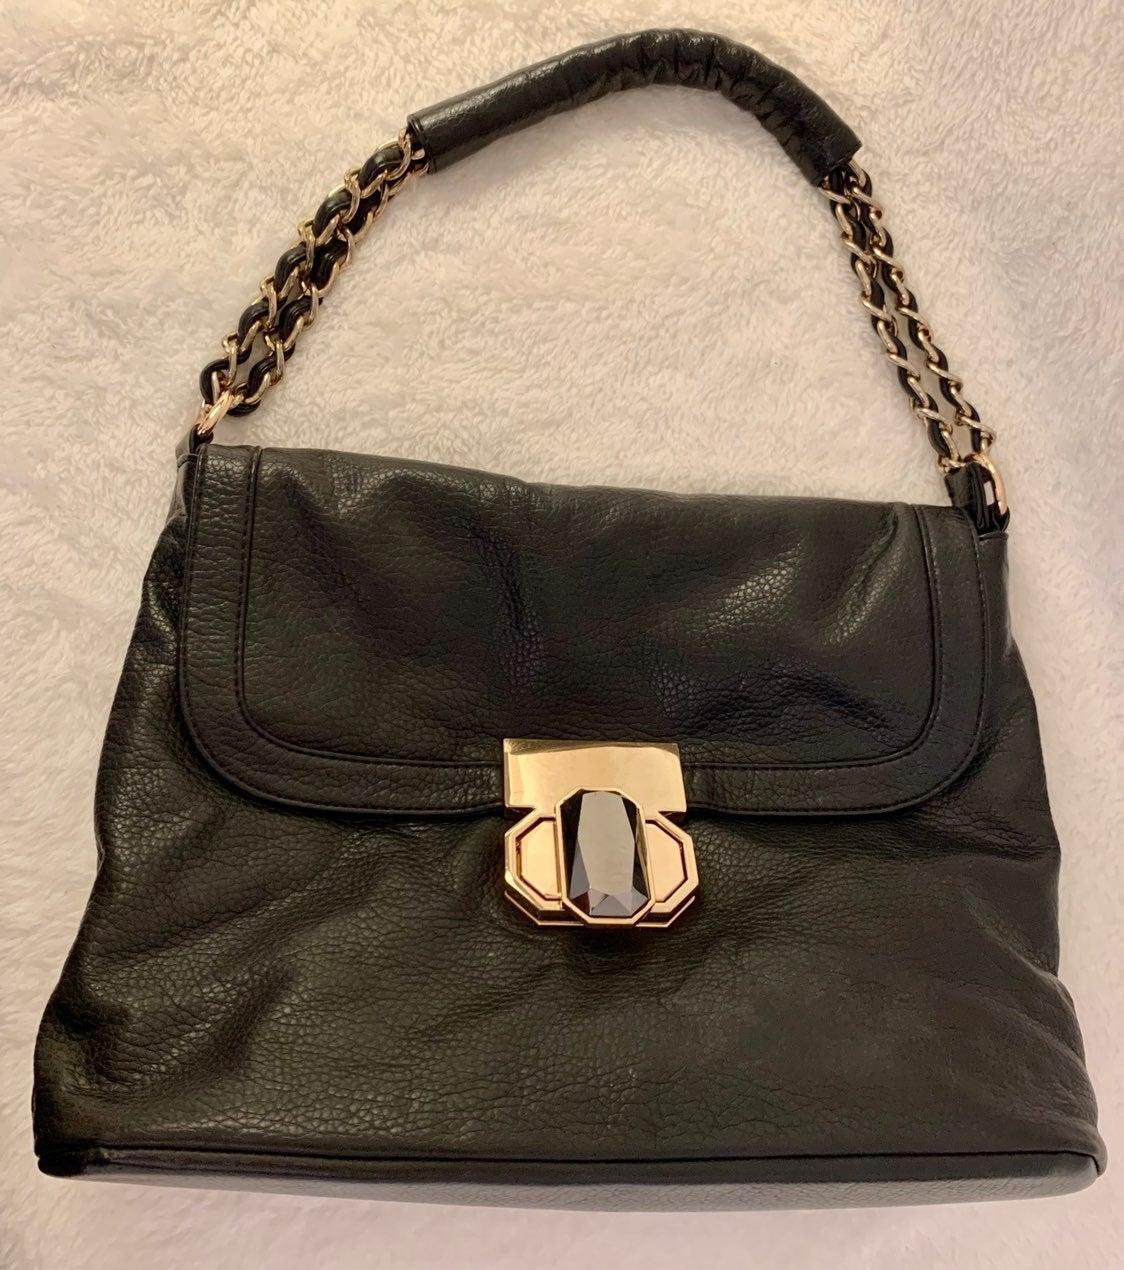 Fancy Hardware Handbag